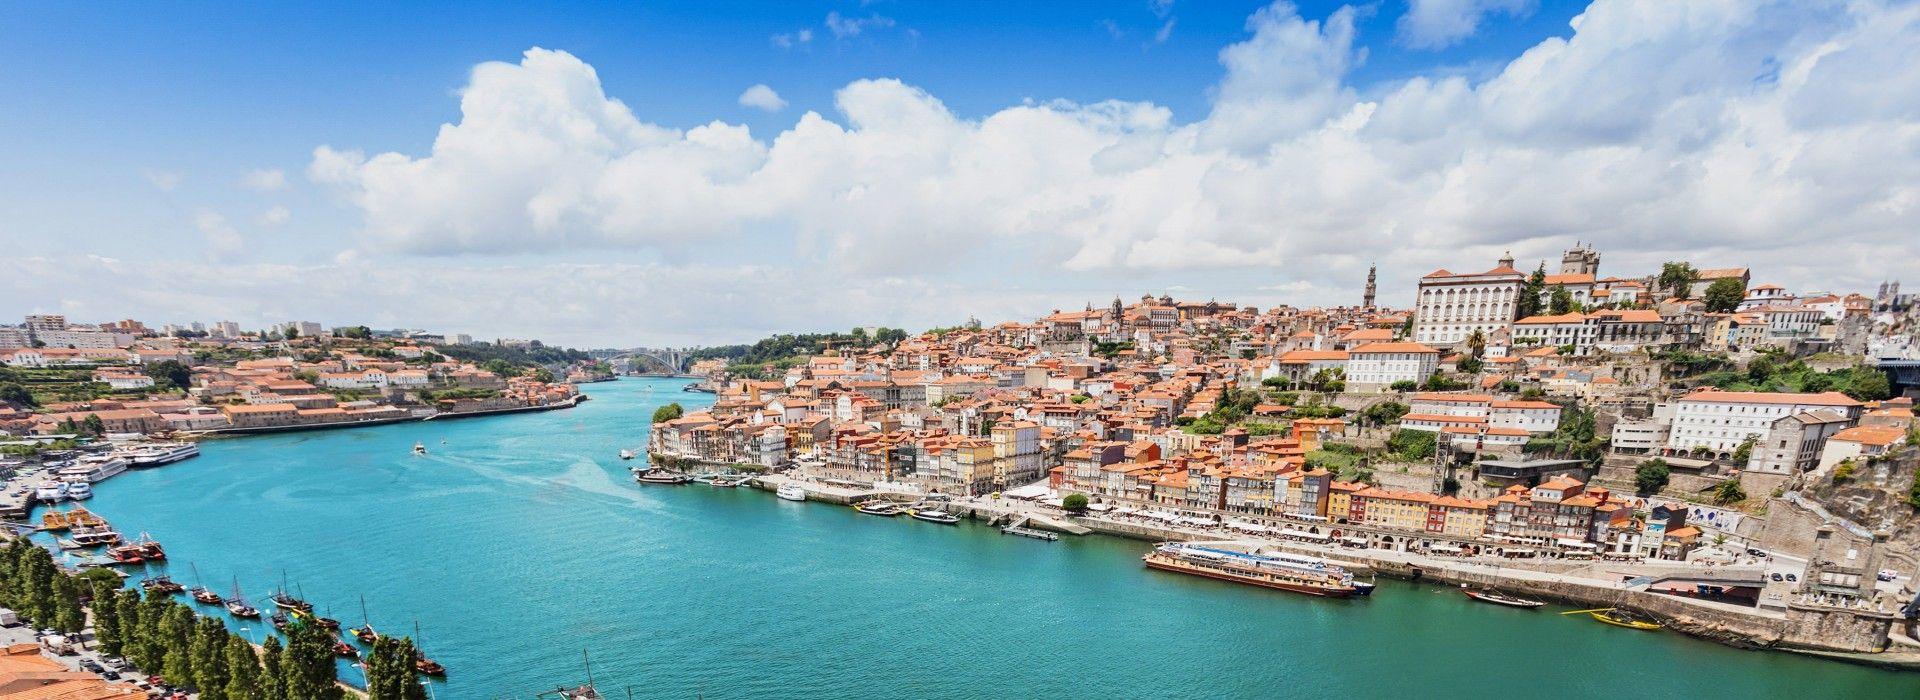 Walking tours in Lisbon